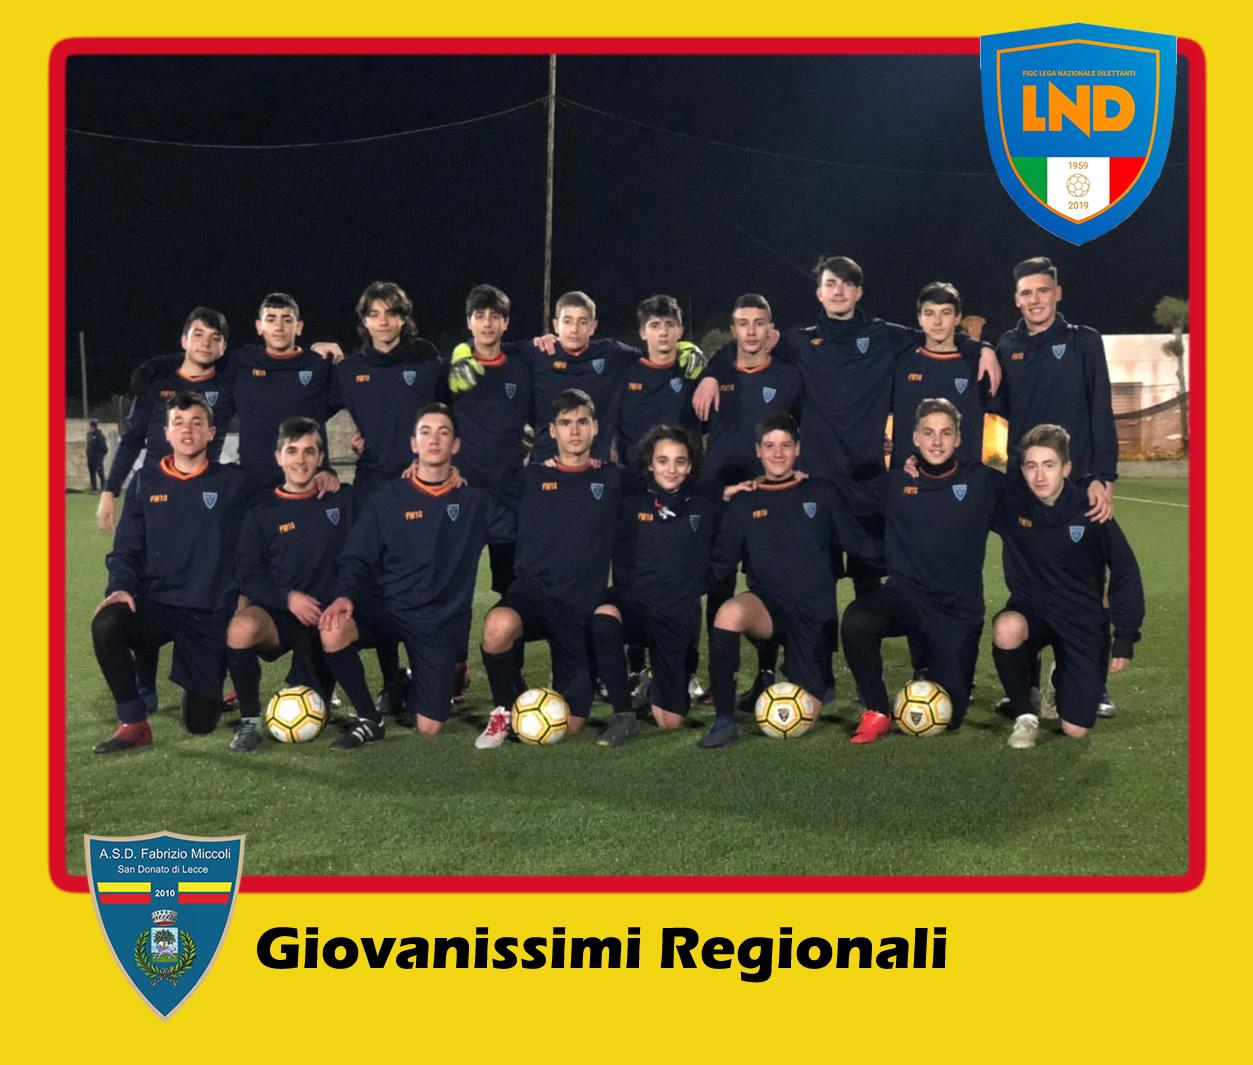 ASD Fabrizio Miccoli - Categoria Giovanissimi Regionali